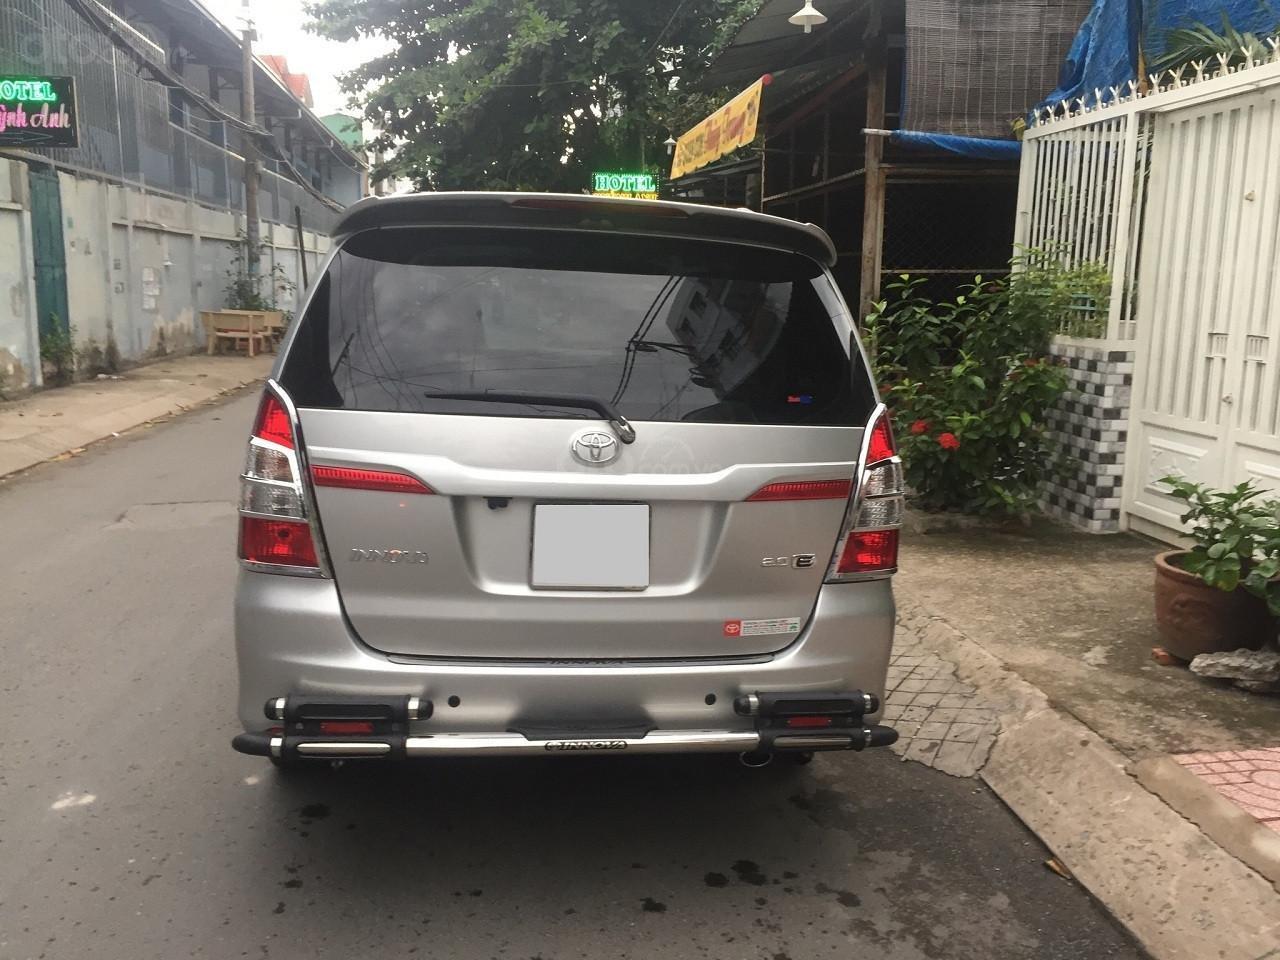 Bán Toyota Innova 2016, màu bạc, số sàn, xe rất mới (4)